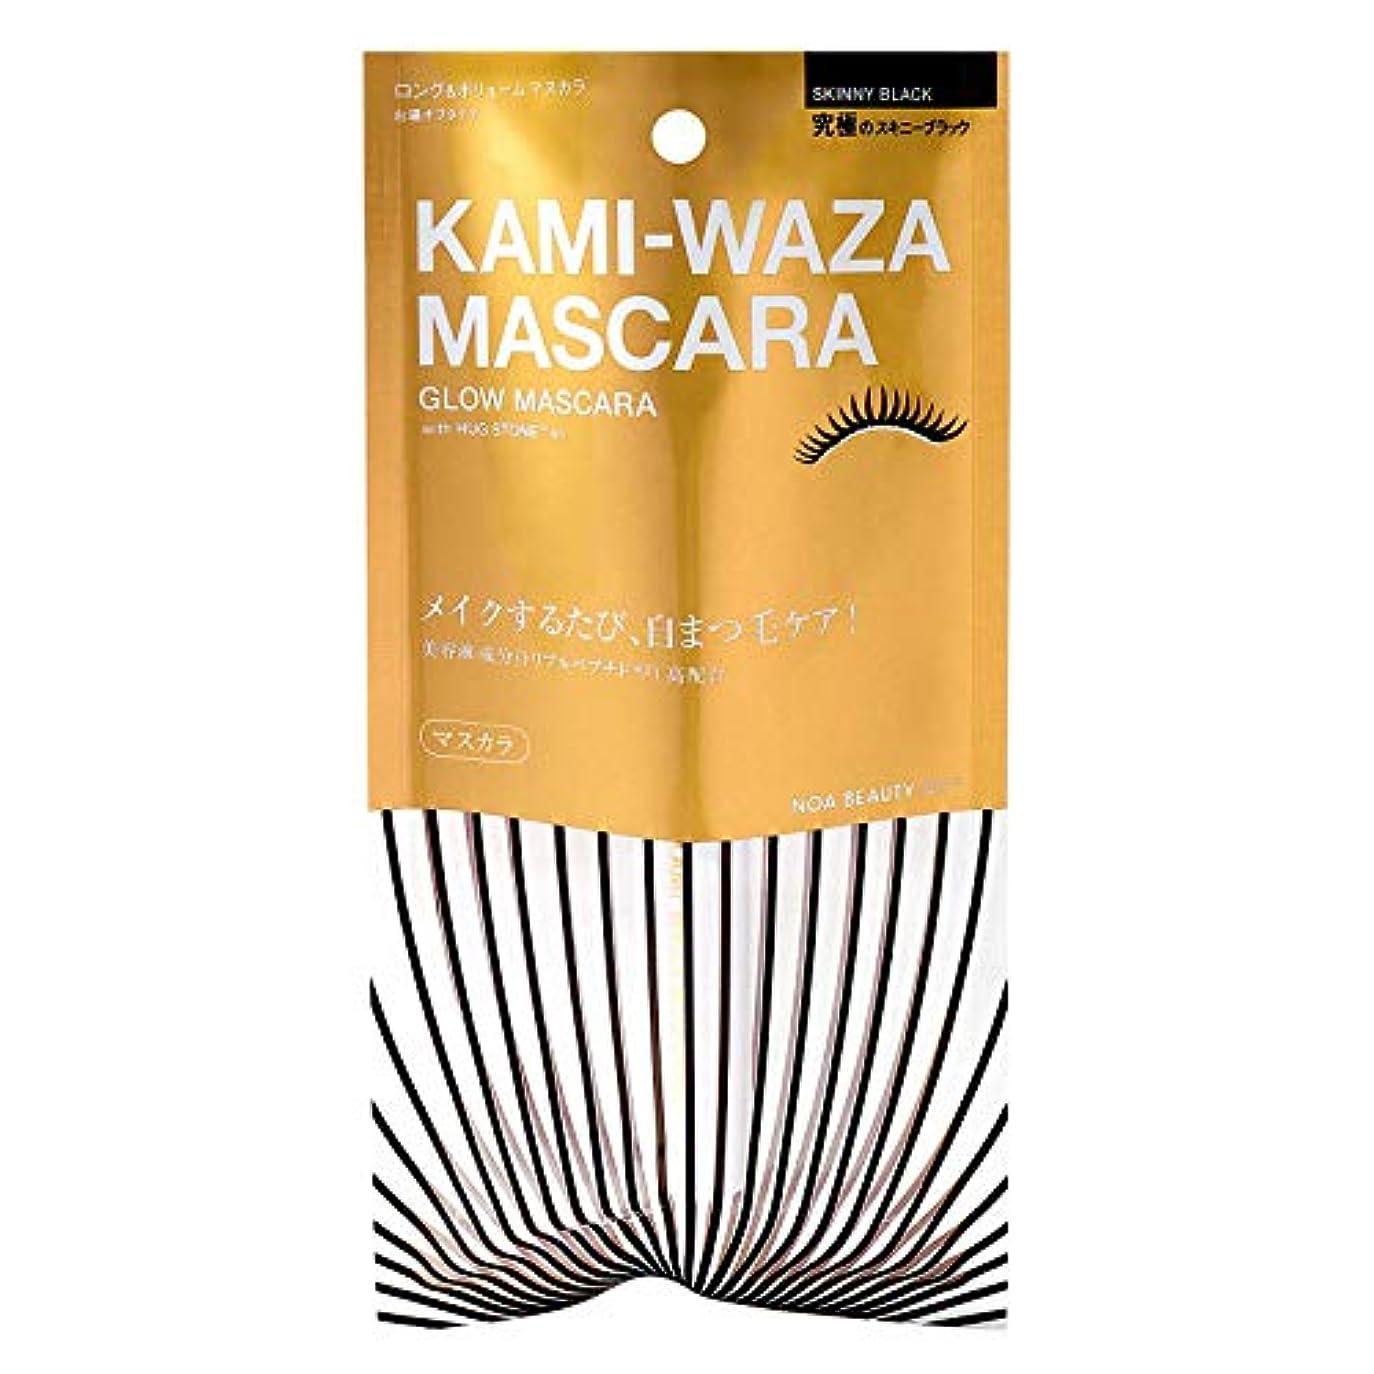 判決通り抜ける年KAMI-WAZA(カミワザ) MASCARA 〈美容マスカラ〉 KWM01 (8g)